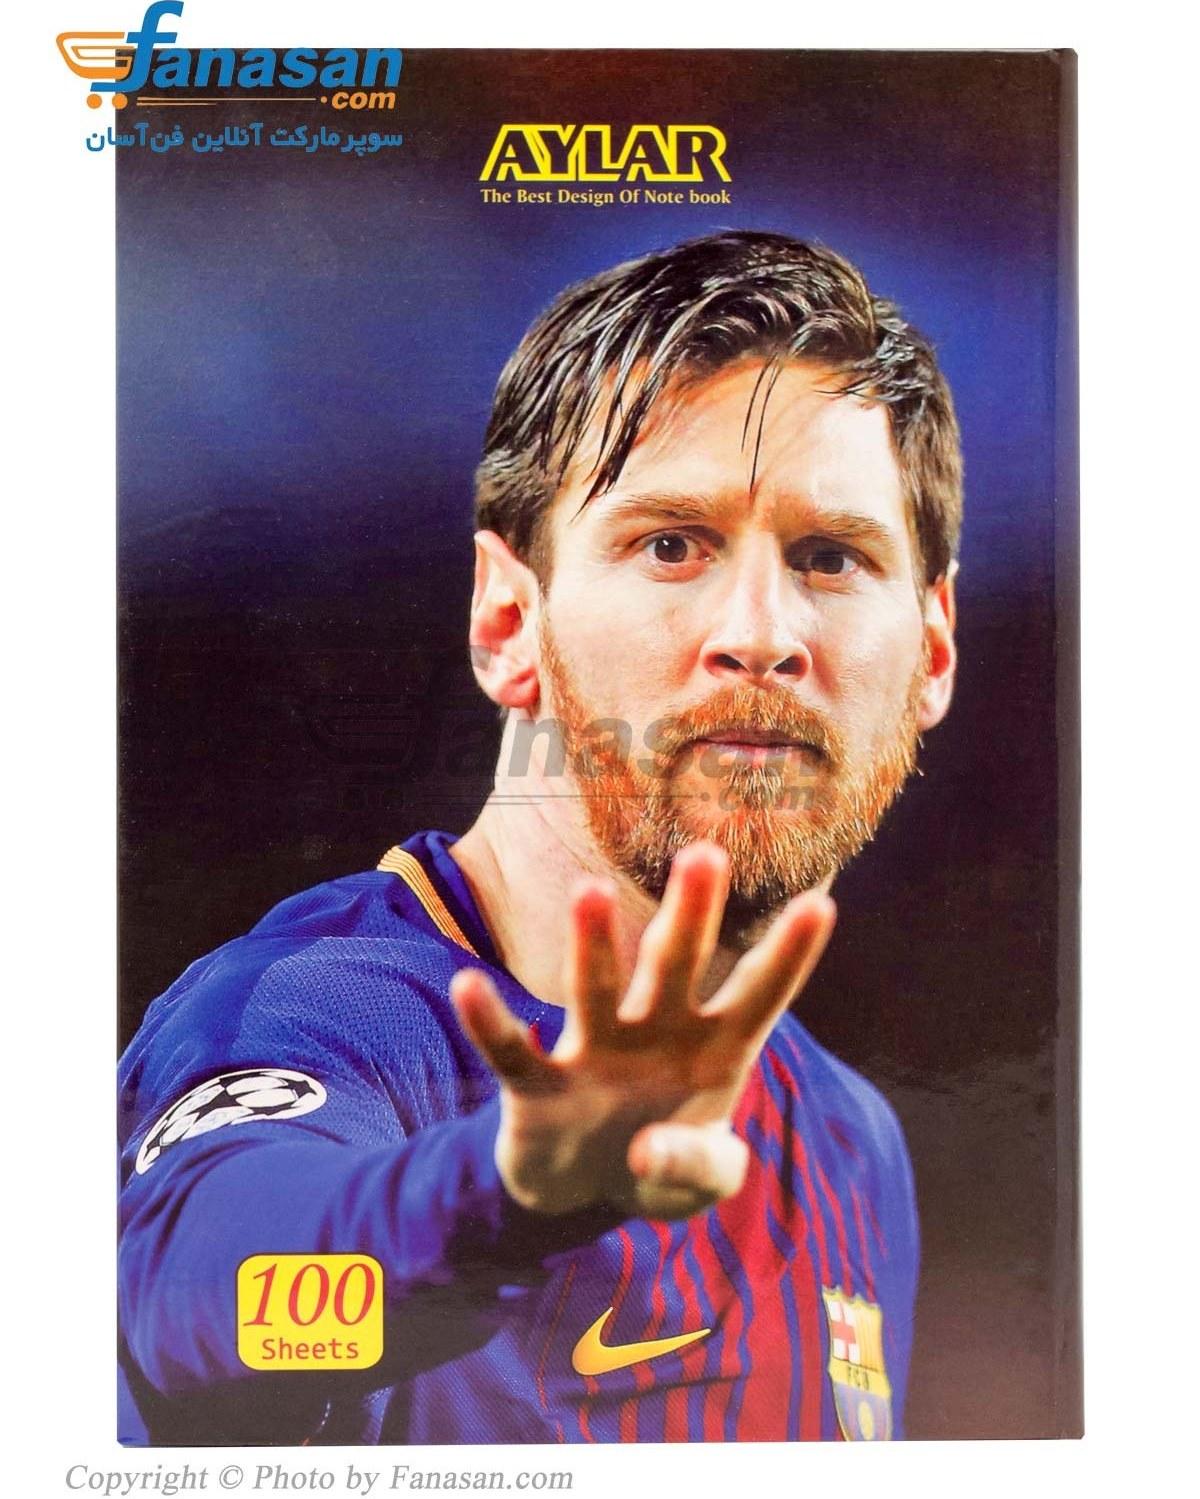 دفتر جلد سخت فوتبالی در طرح های مختلف 100 برگ | Note book Hard cover Football 100 sheets